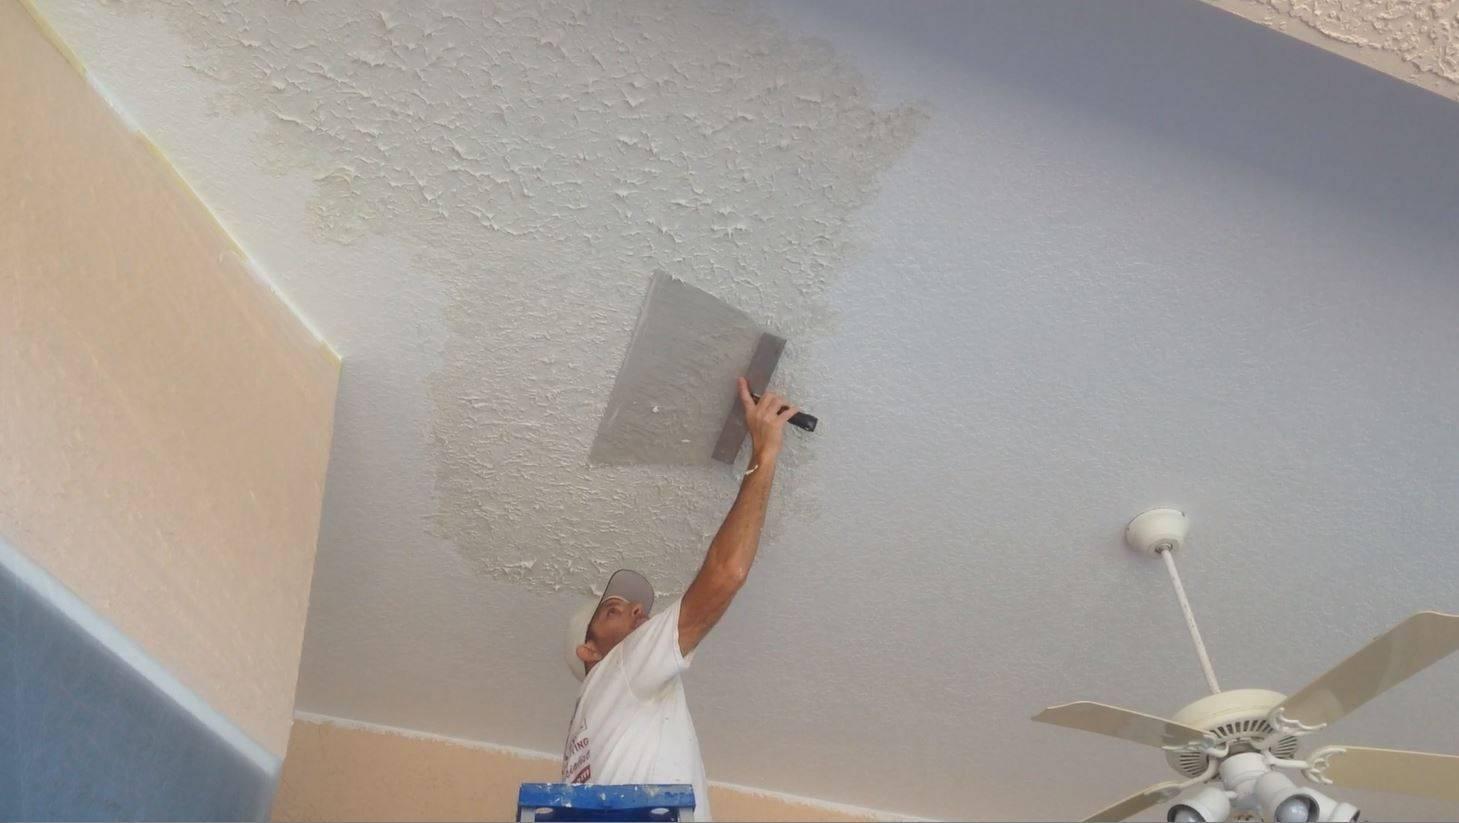 Как штукатурить потолок. используемые инструменты. очистка поверхности и монтаж маяков. приготовление раствора и процесс оштукатуривания